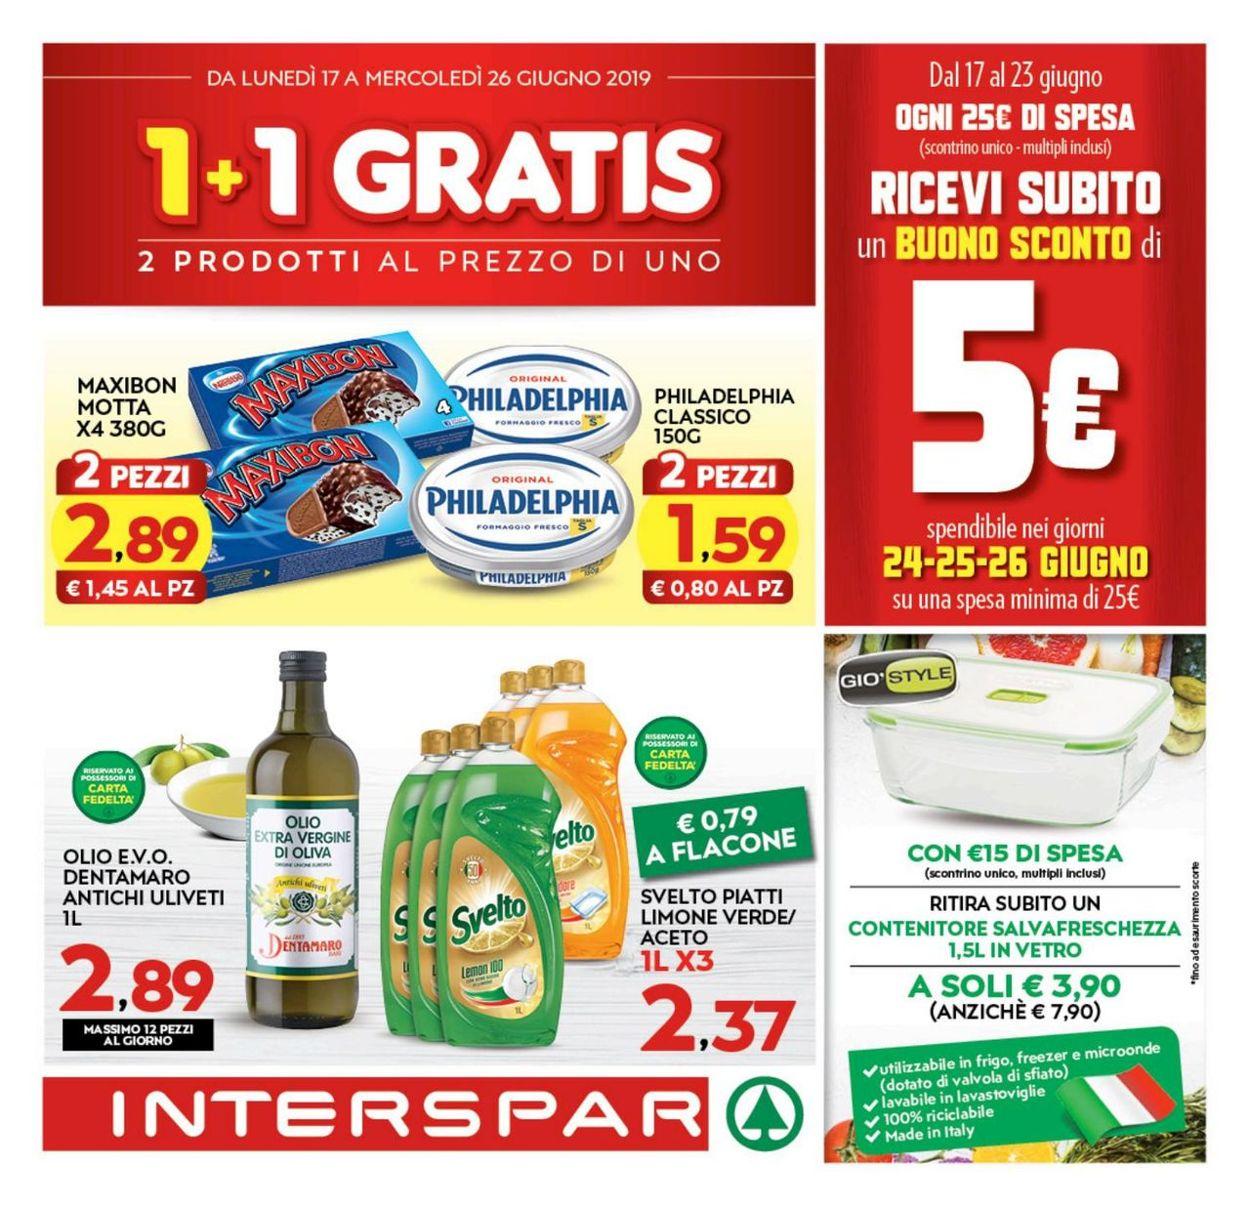 Volantino Interspar - Offerte 17/06-26/06/2019